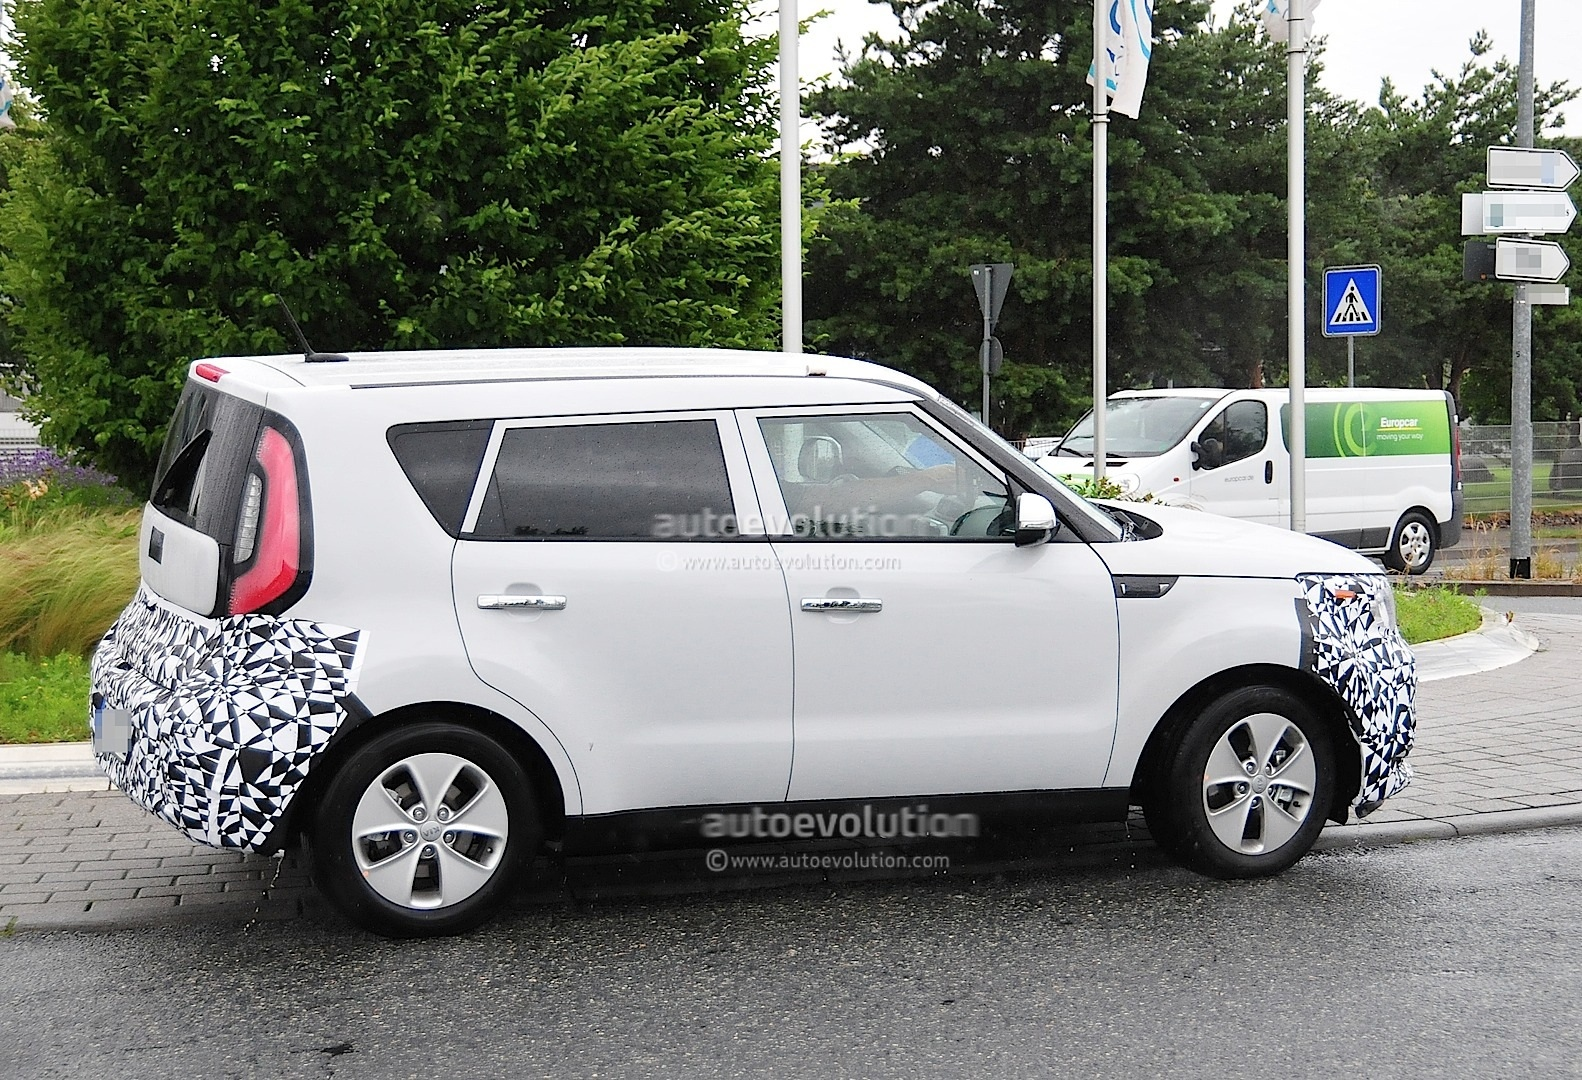 Spyshots: Kia Soul EV to Debut in 2014 - autoevolution